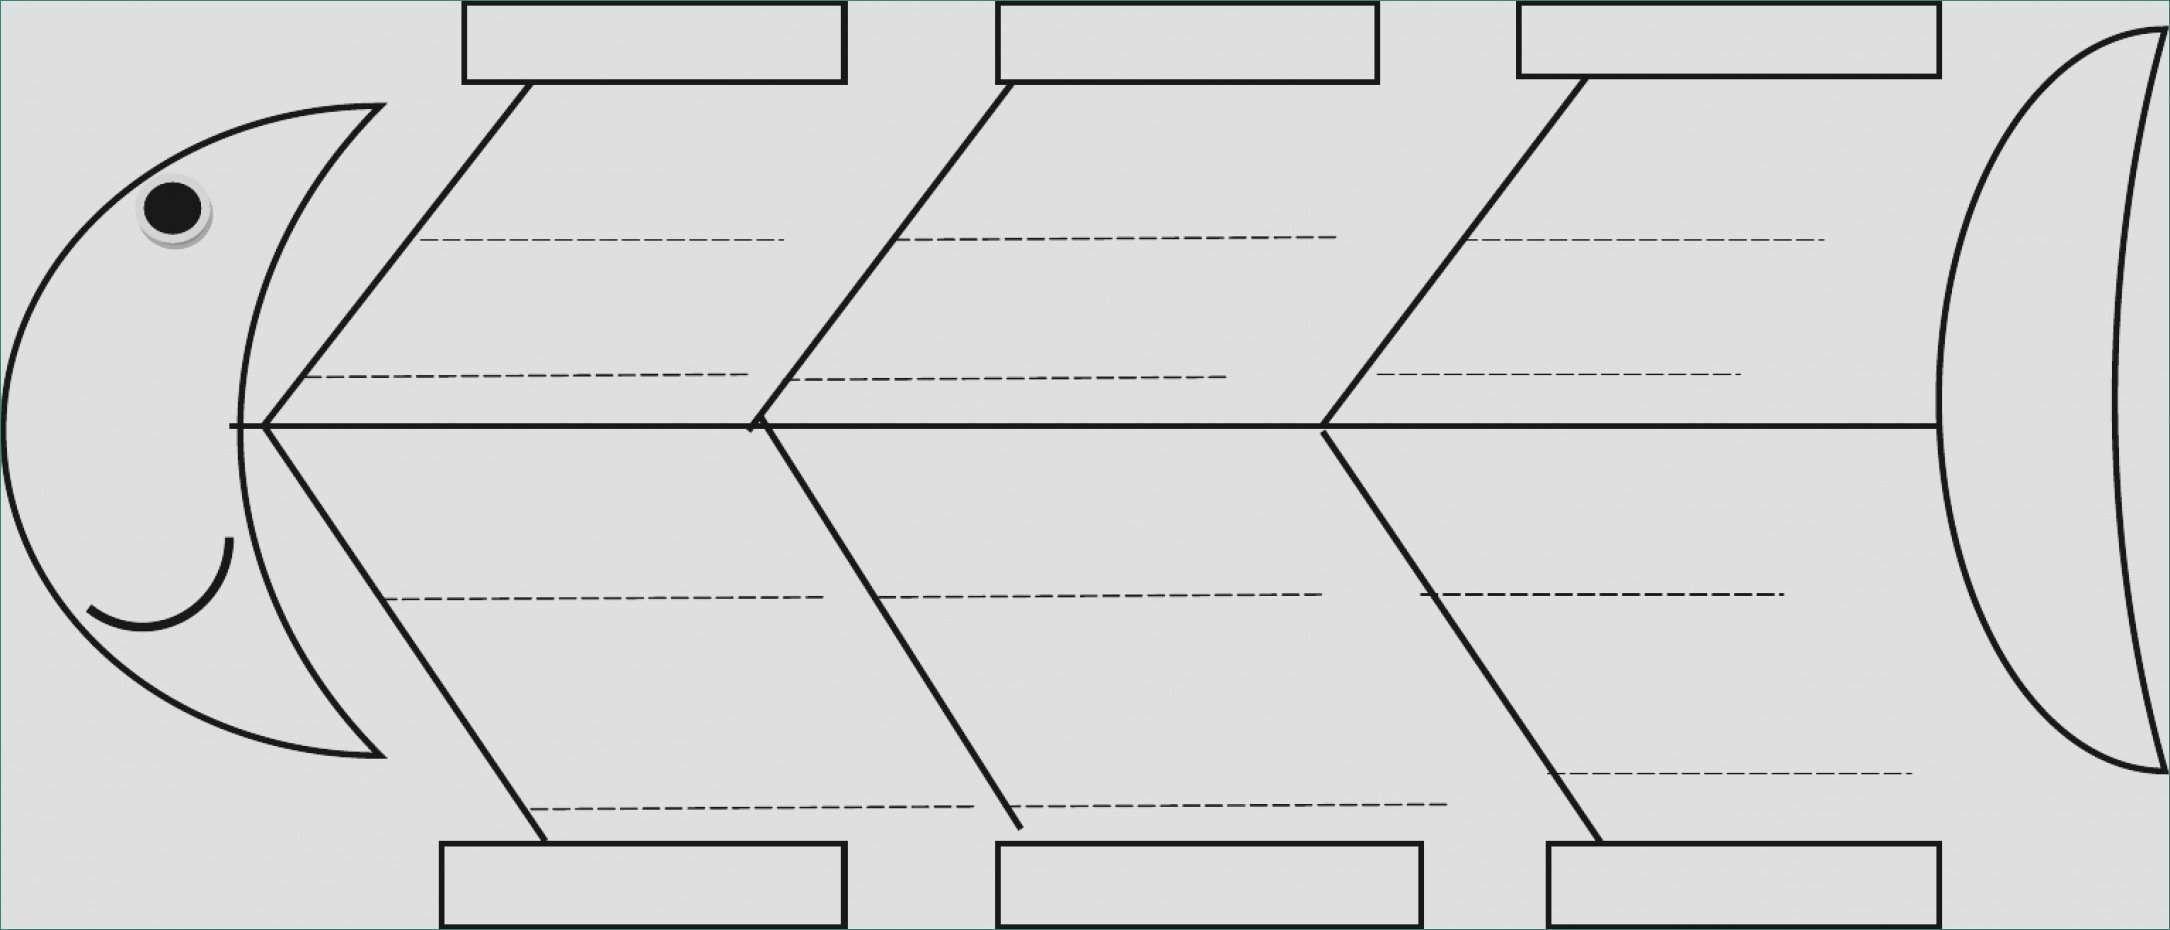 28 Blank Fishbone Diagram Template in 2020 | Doctors note ...